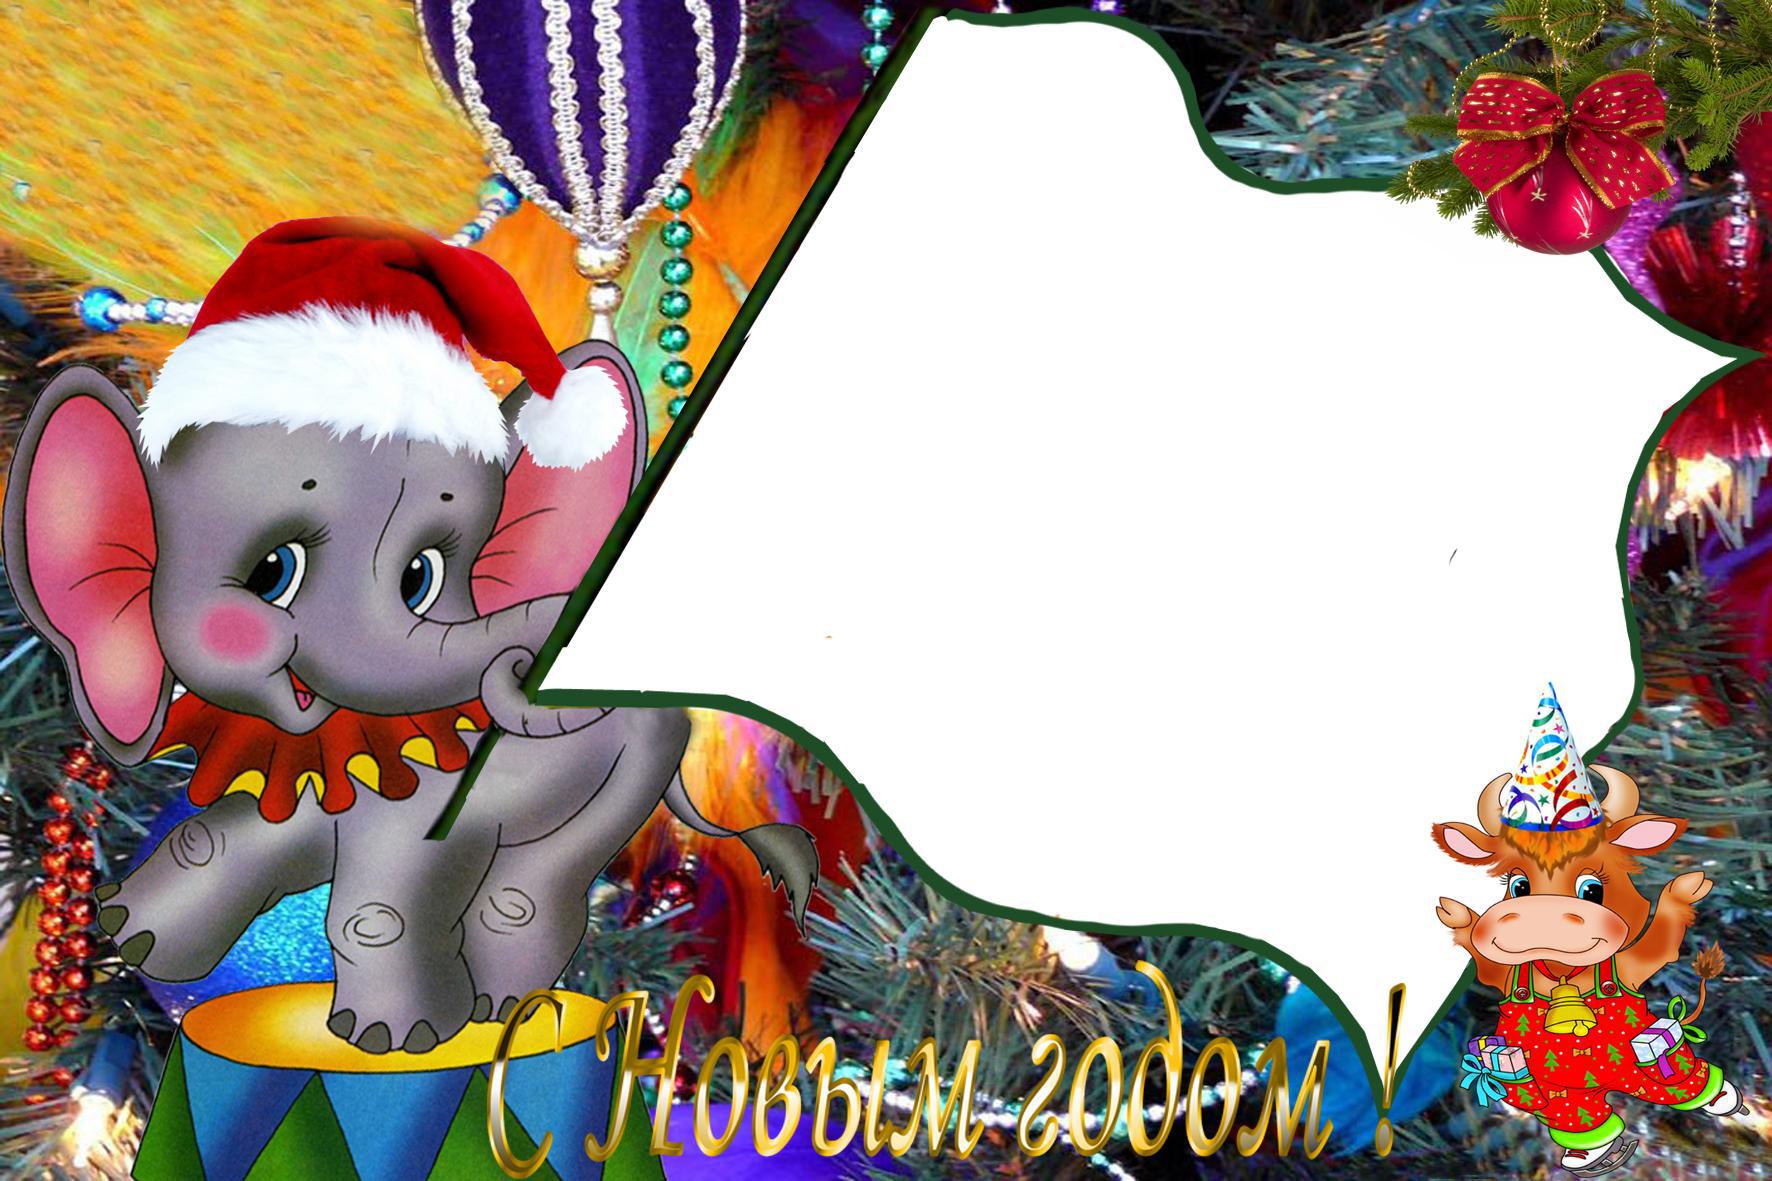 Новогодние рамки. Огромная детская новогодняя рамка в форме флага подходит для горизонтальных фотографий. В фотошопе довольно просто повернуть фото под нужным углом, чтобы новогодняя рамка смотрелась аккуратно и оригинально. Держит новогоднюю рамку в виде флага нарисованный весёлый слонёнок в новогодней красной шапочке. Оригинальная и очень позитивная рамочка обязательно придётся Вам по душе и порадует Ваших близких.